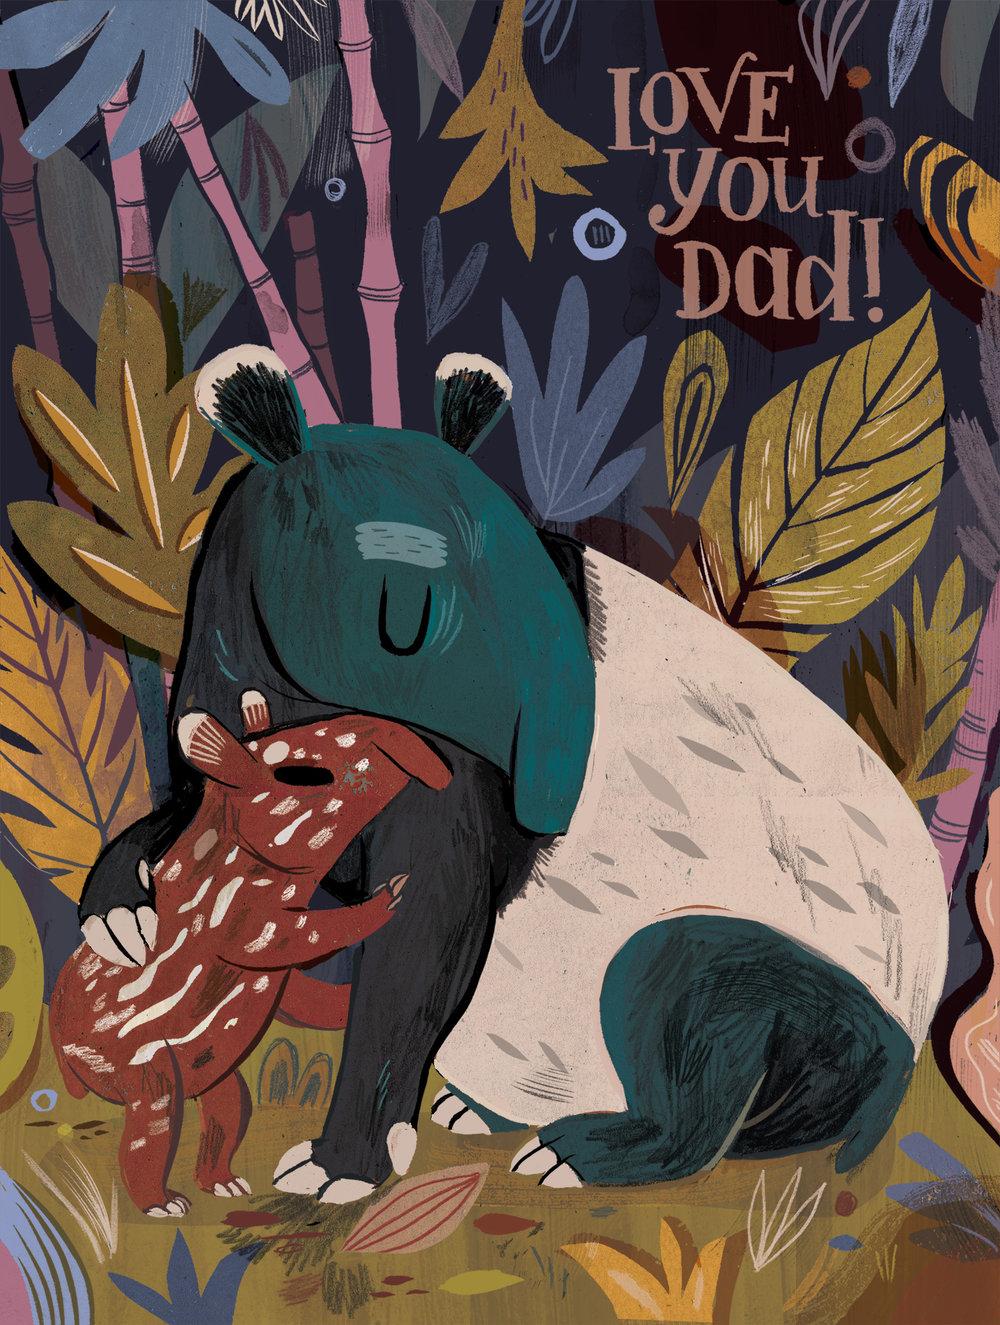 tapirdad.jpg